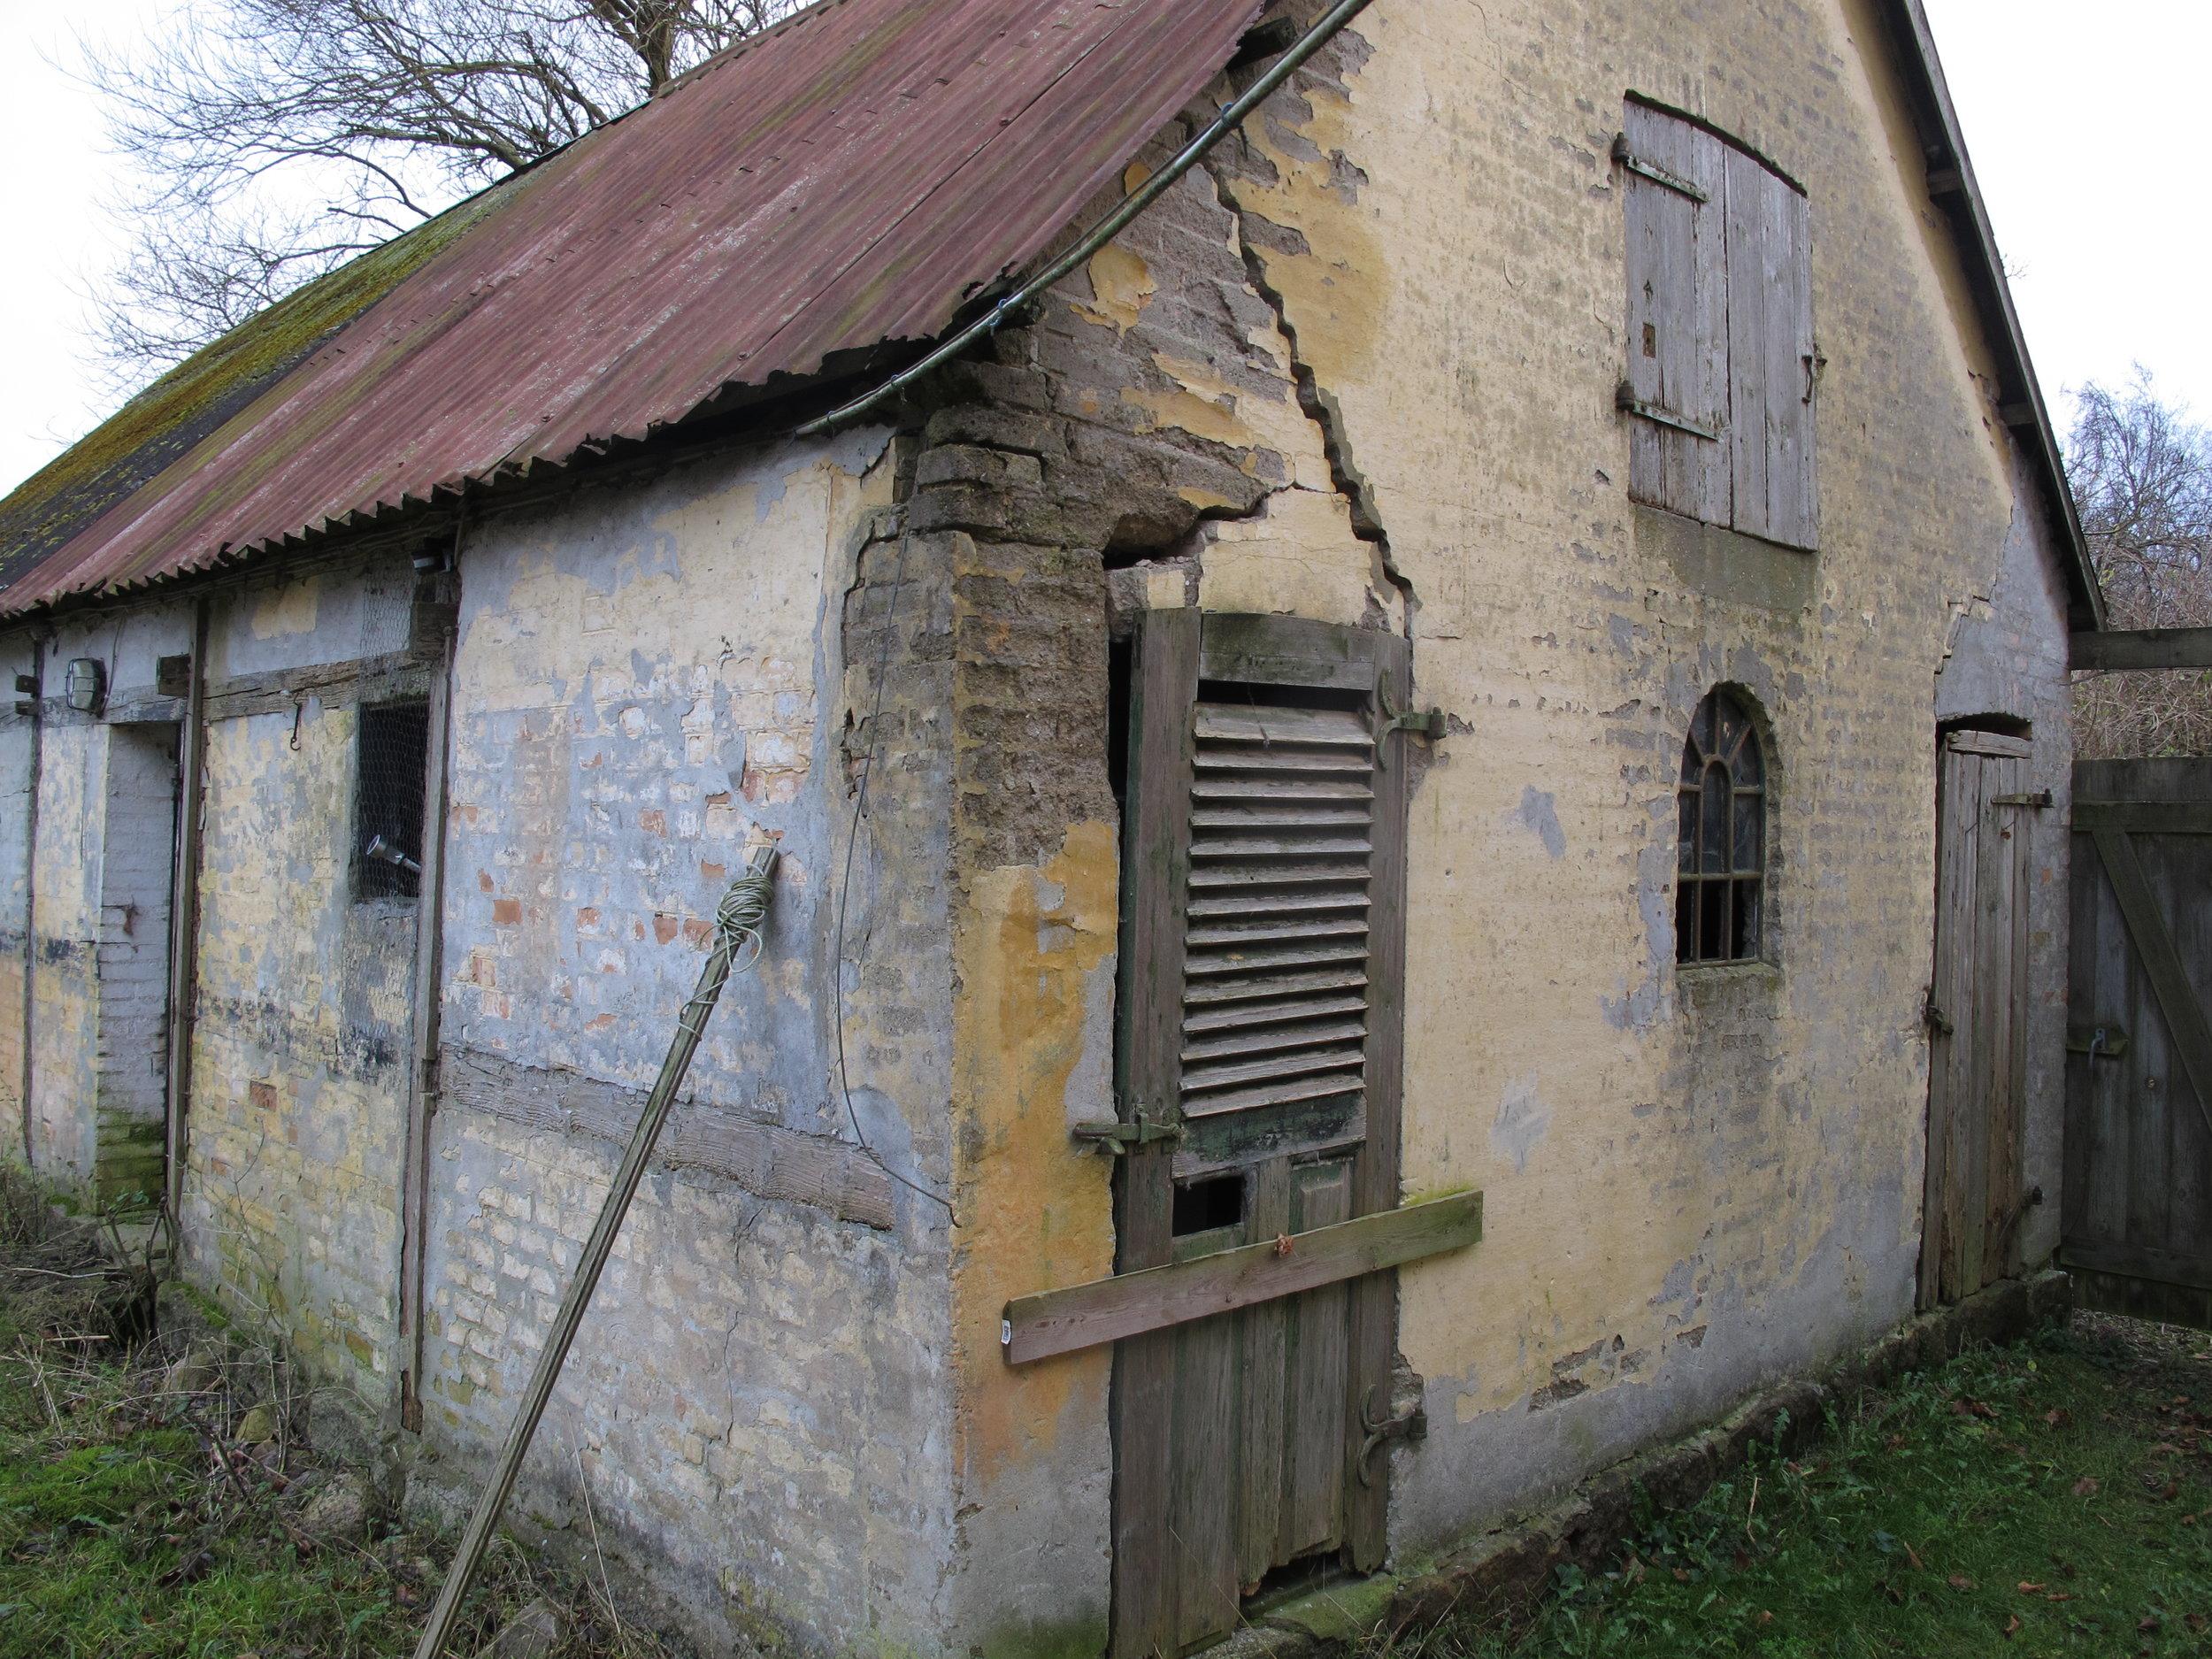 Hvis du åbner den dør, så tror jeg huset braser sammen. Det var vist også frygten hos den person, der satte et bræt for døren.